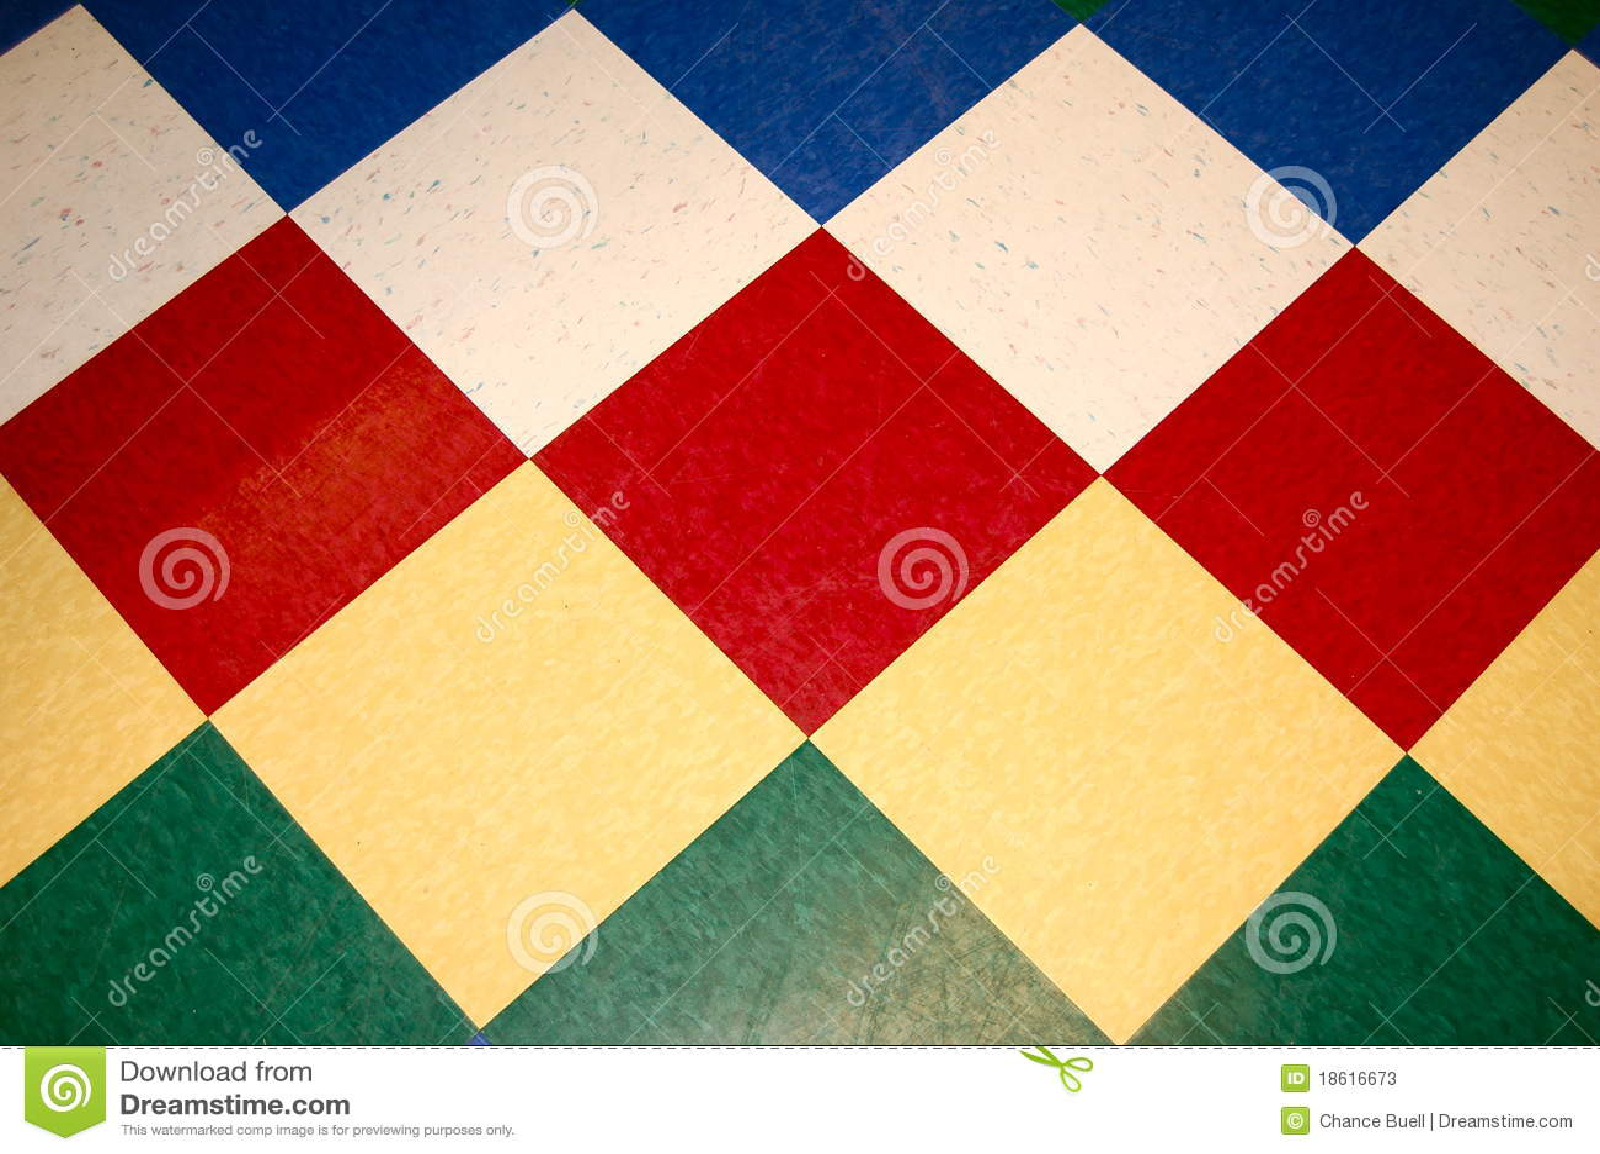 Fußboden Fliesen Rot ~ Schachbrett fliese fußboden rot blau grün gelb stockbild